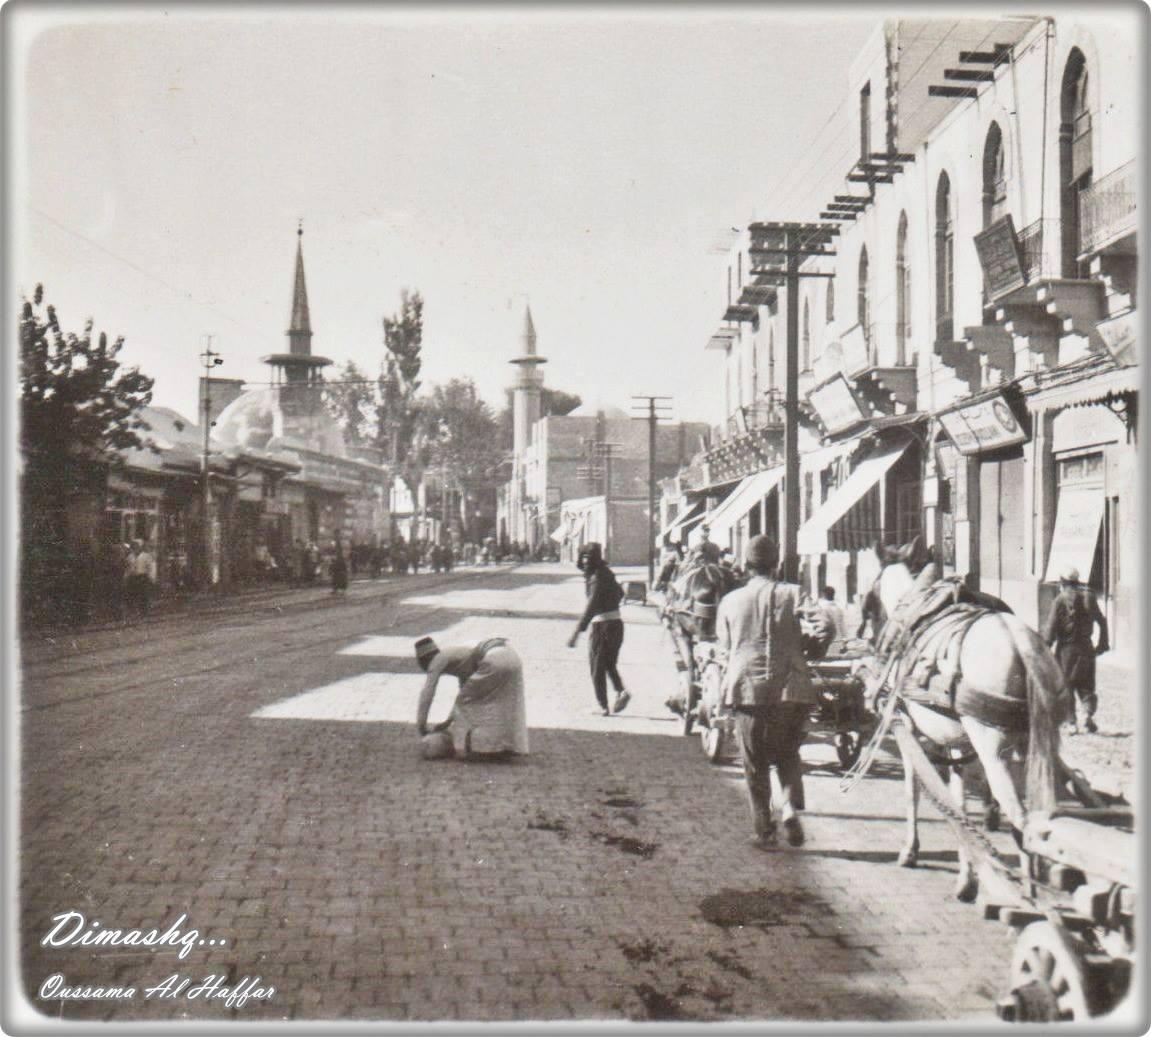 دمشق - مسجد الدرويشية والمئذنة القريبة لمسجد السياس